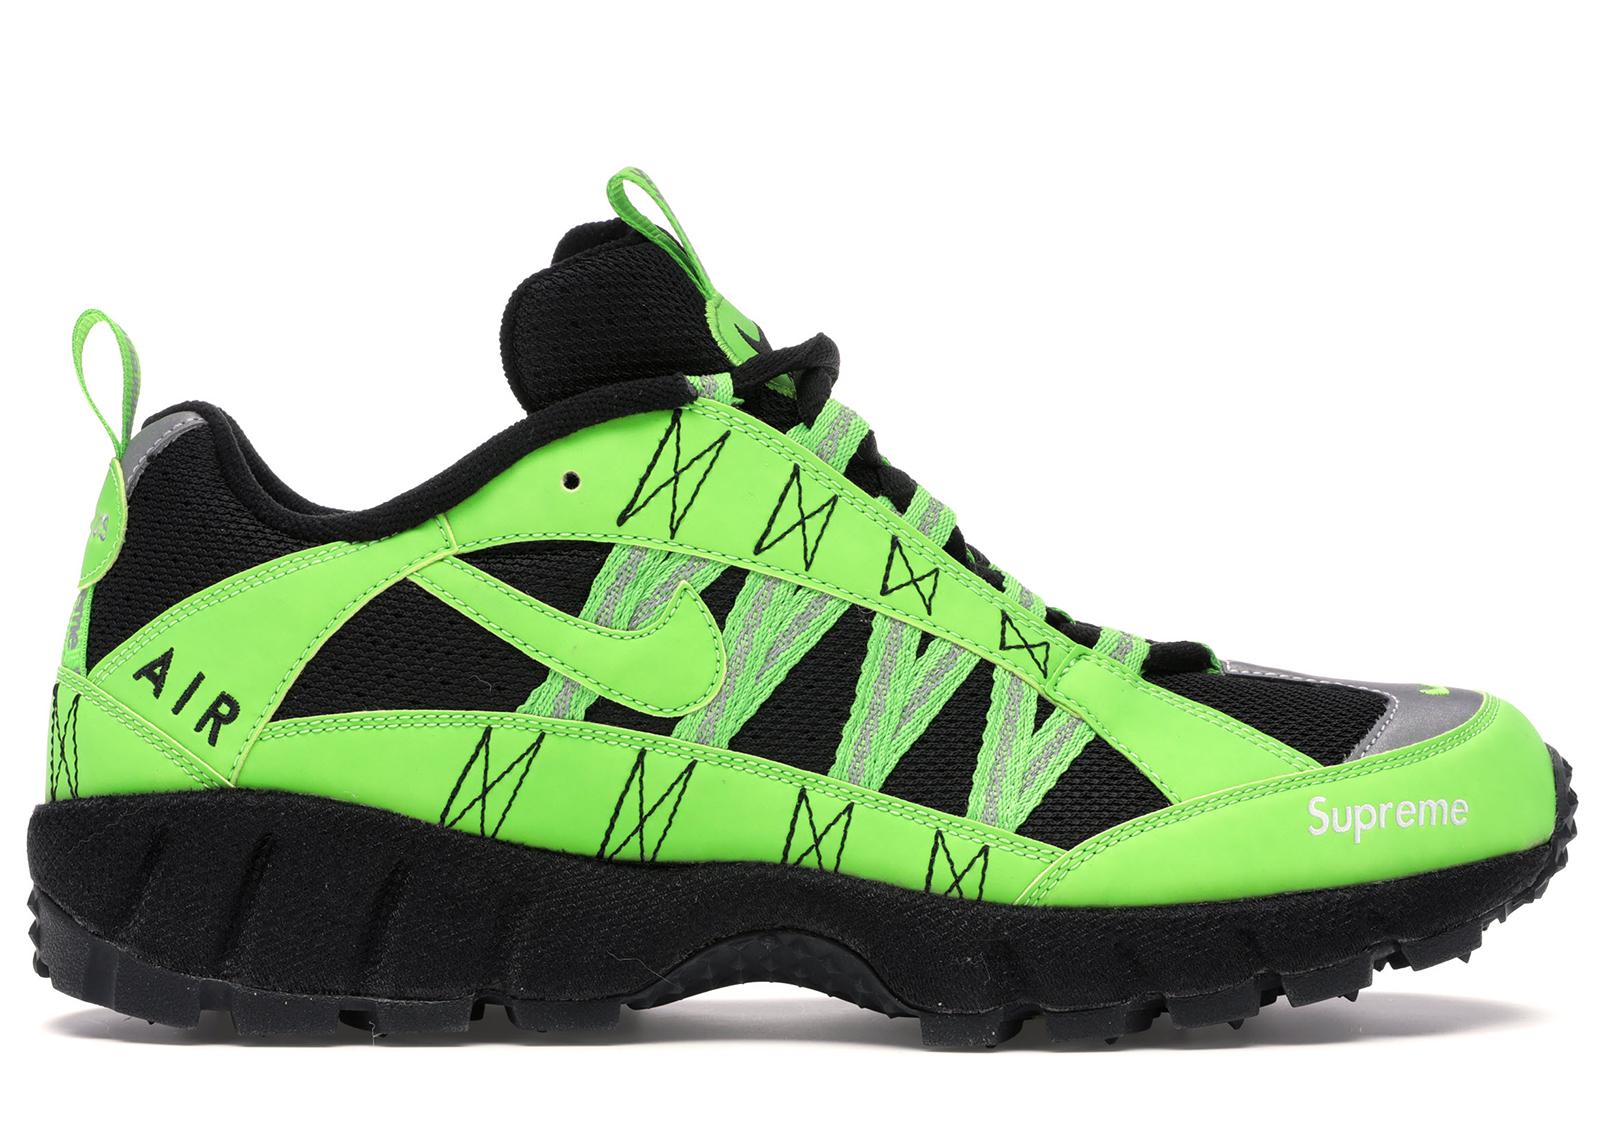 Nike Air Humara 17 Supreme Action Green